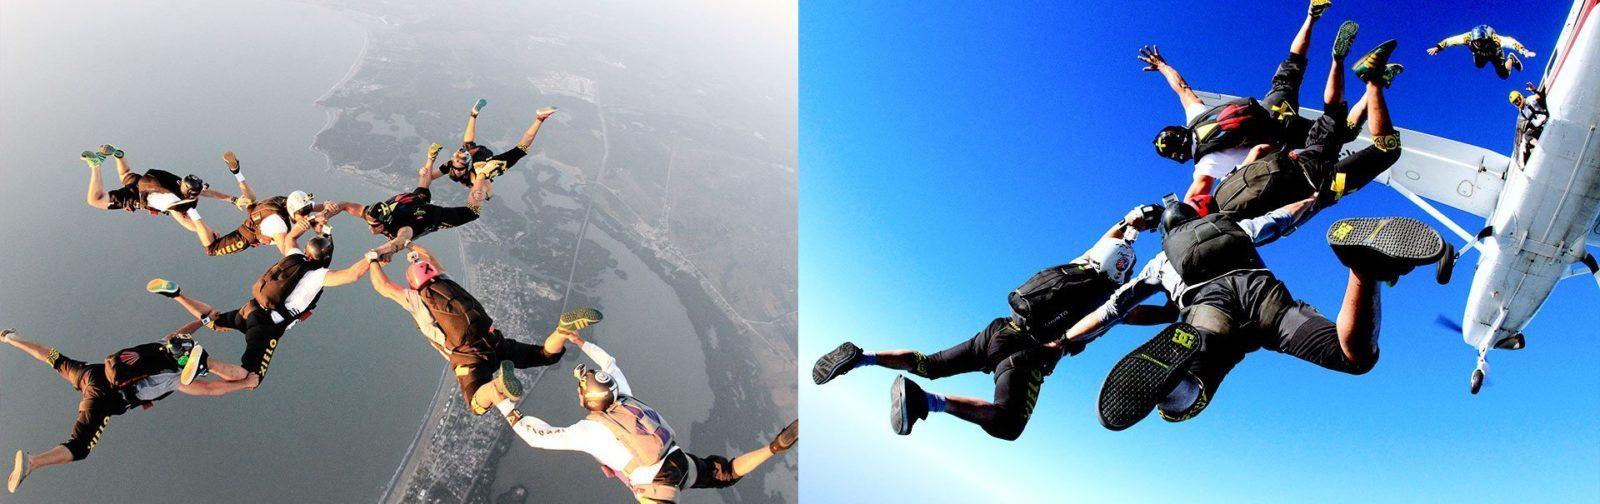 xielo cursos paracaidismo